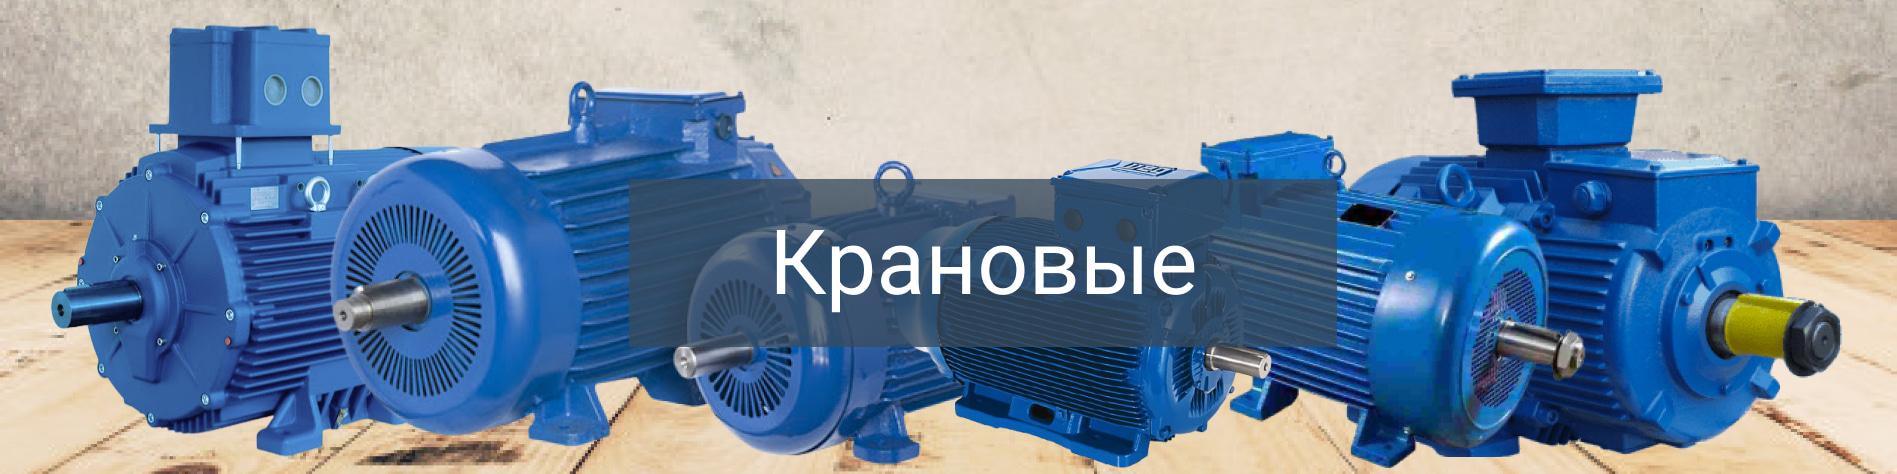 Крановые электродвигатели 110 кВт